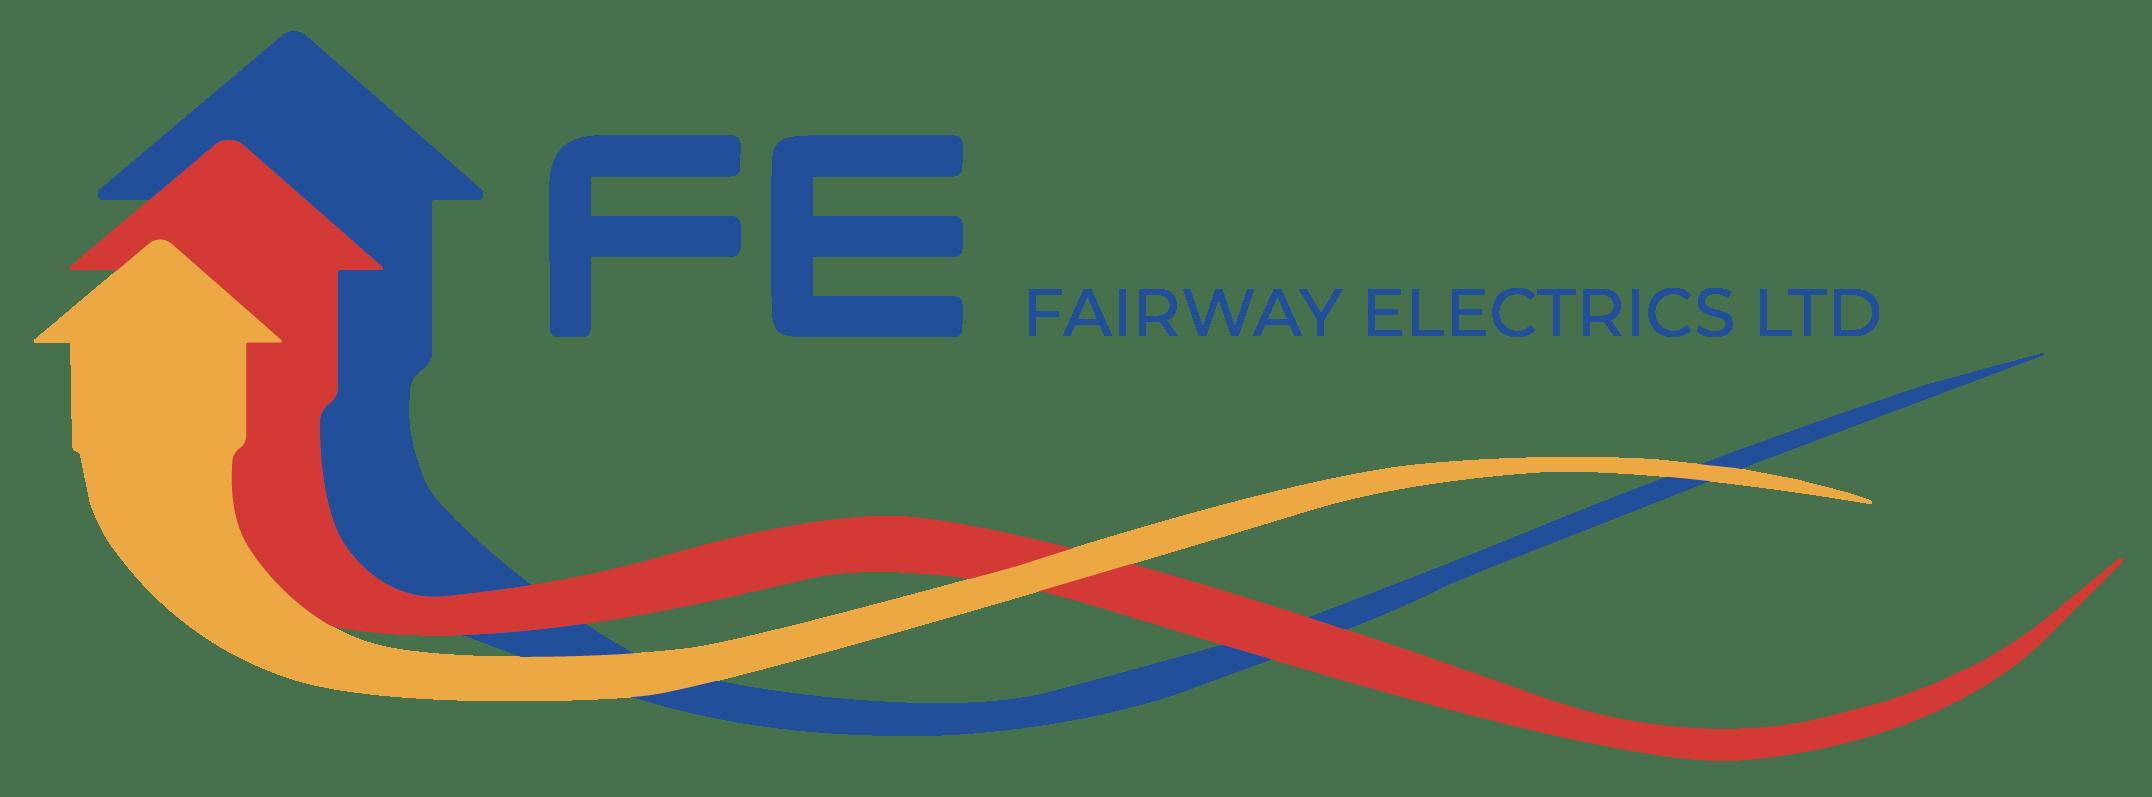 Fairway-Electrics